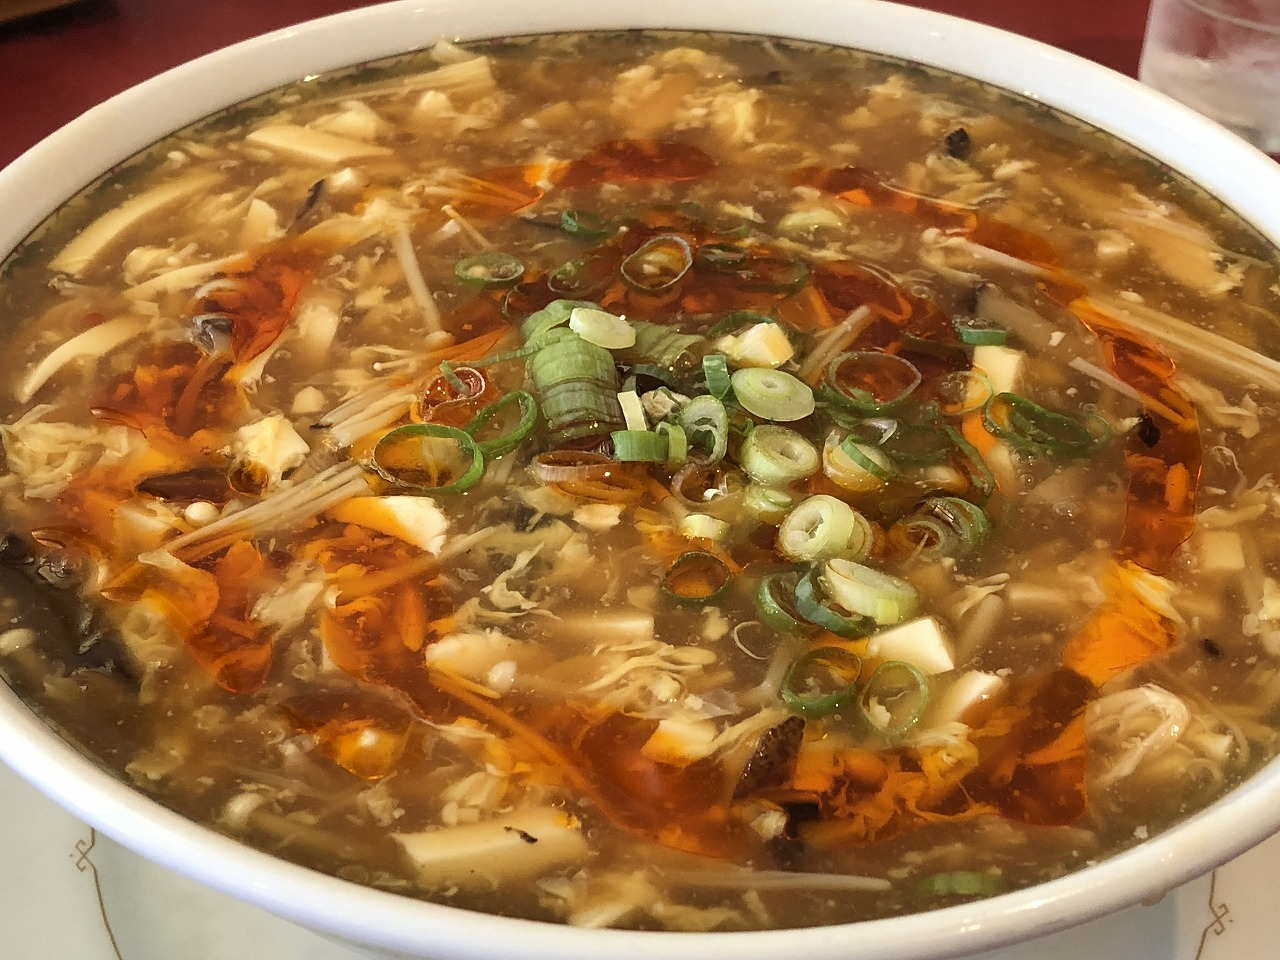 【メシめも】尾山台の中華料理屋「崋山」の酸辣湯麺(スーラータンメン)は超絶美味いよ